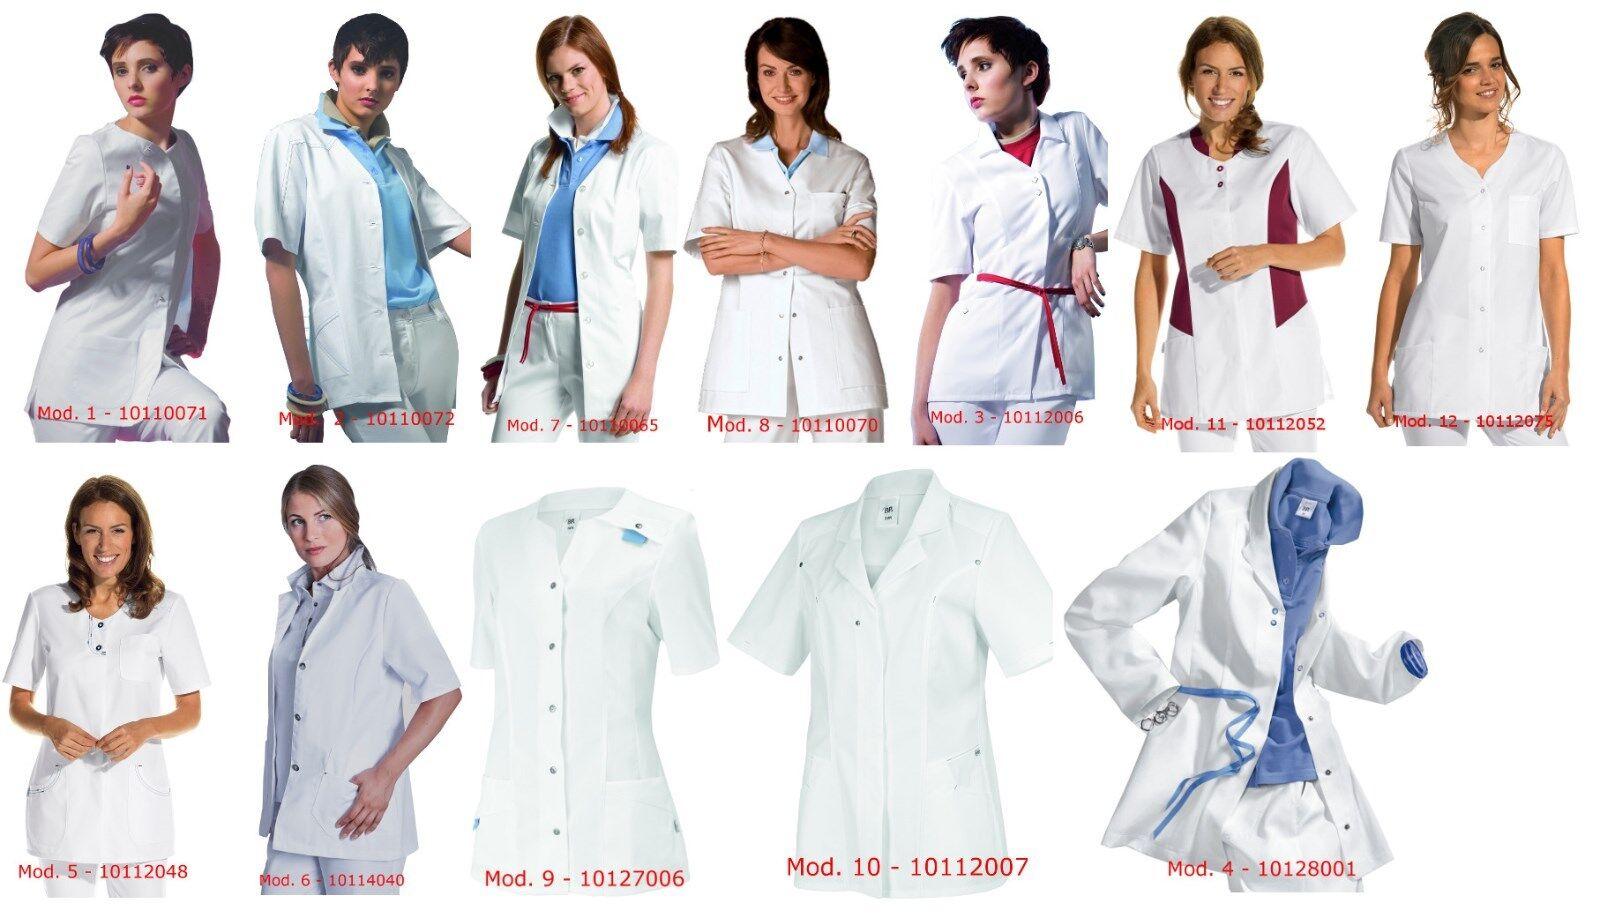 Damenkasack Damen Kasack Hosenkasack Pflege Medizin Berufskleidung Kasak